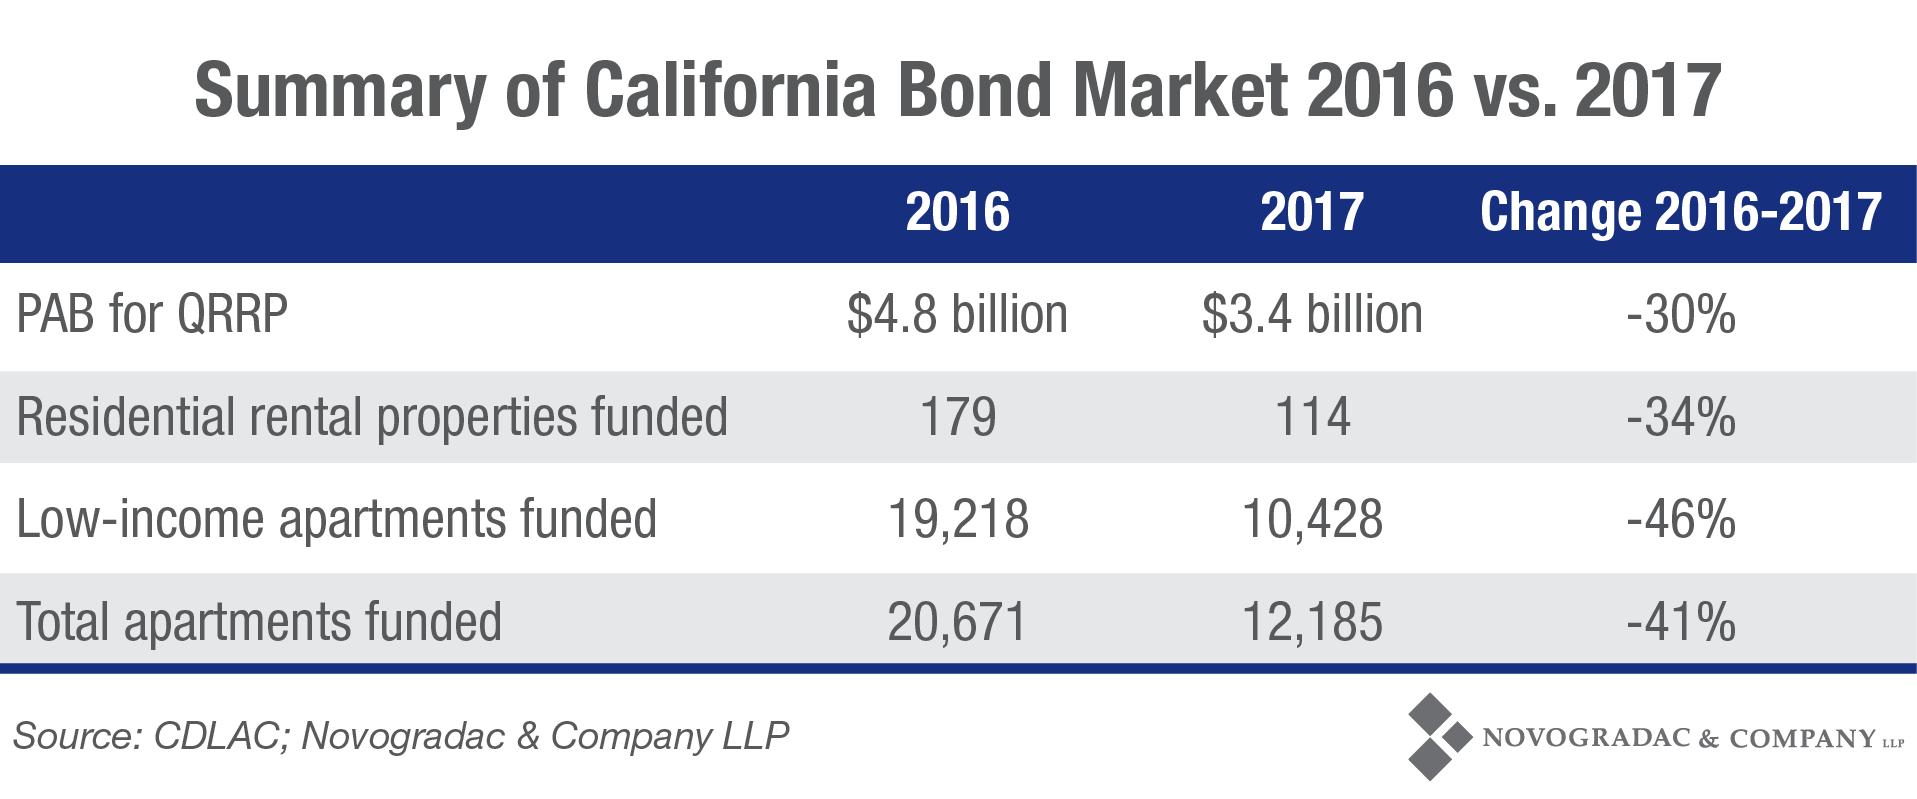 Blog Chart Summary Of California Bond Market 2016 Vs 2017